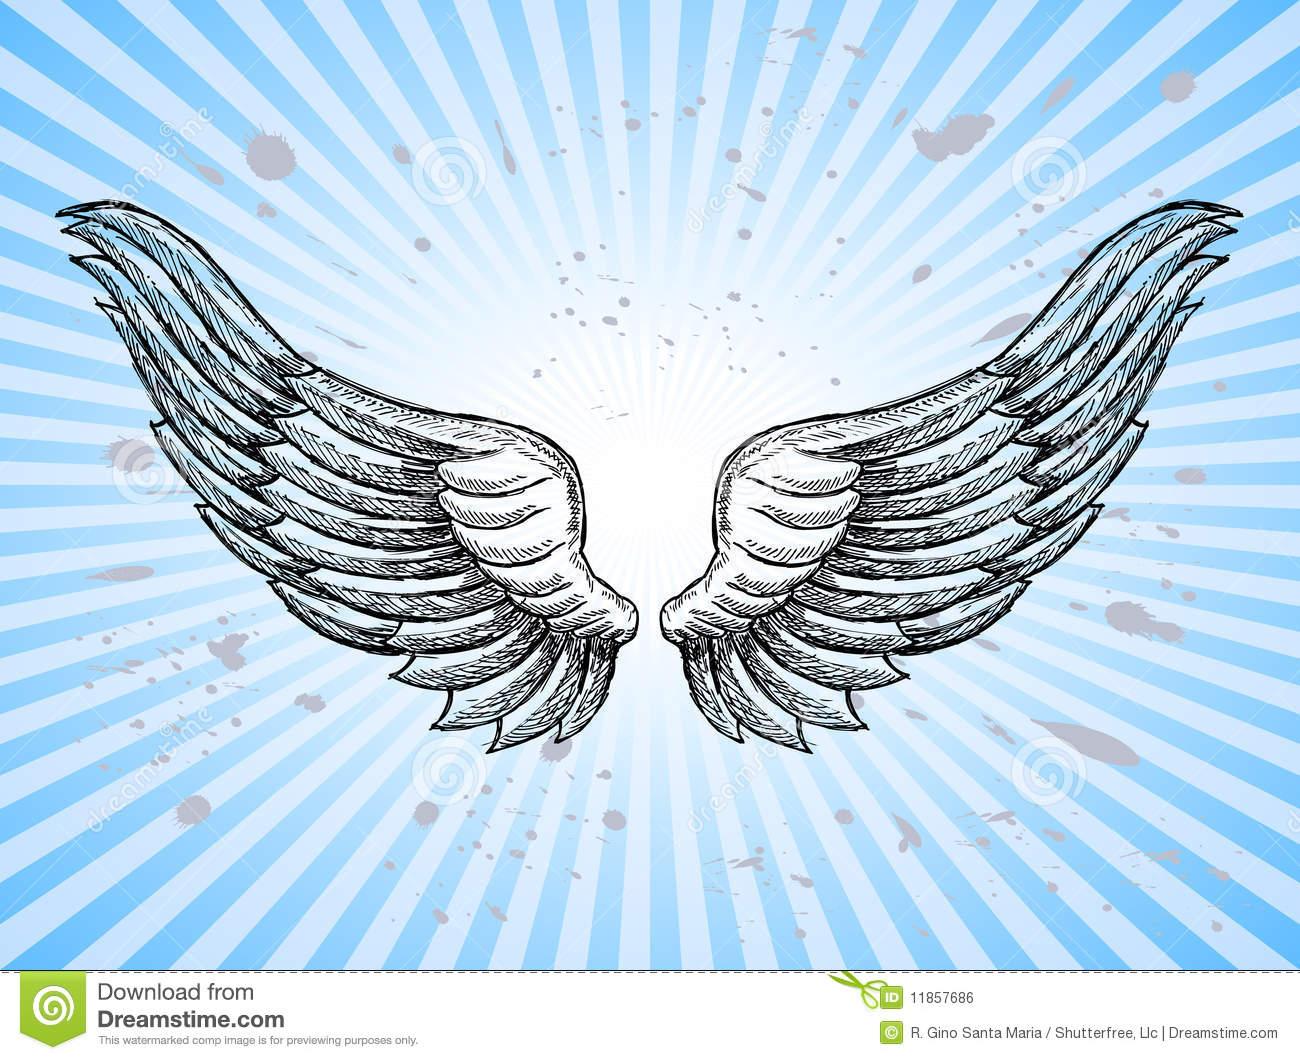 Hand Gezeichnete Flügel Vektor Abbildung. Illustration Von bestimmt für Engelsflügel Gezeichnet